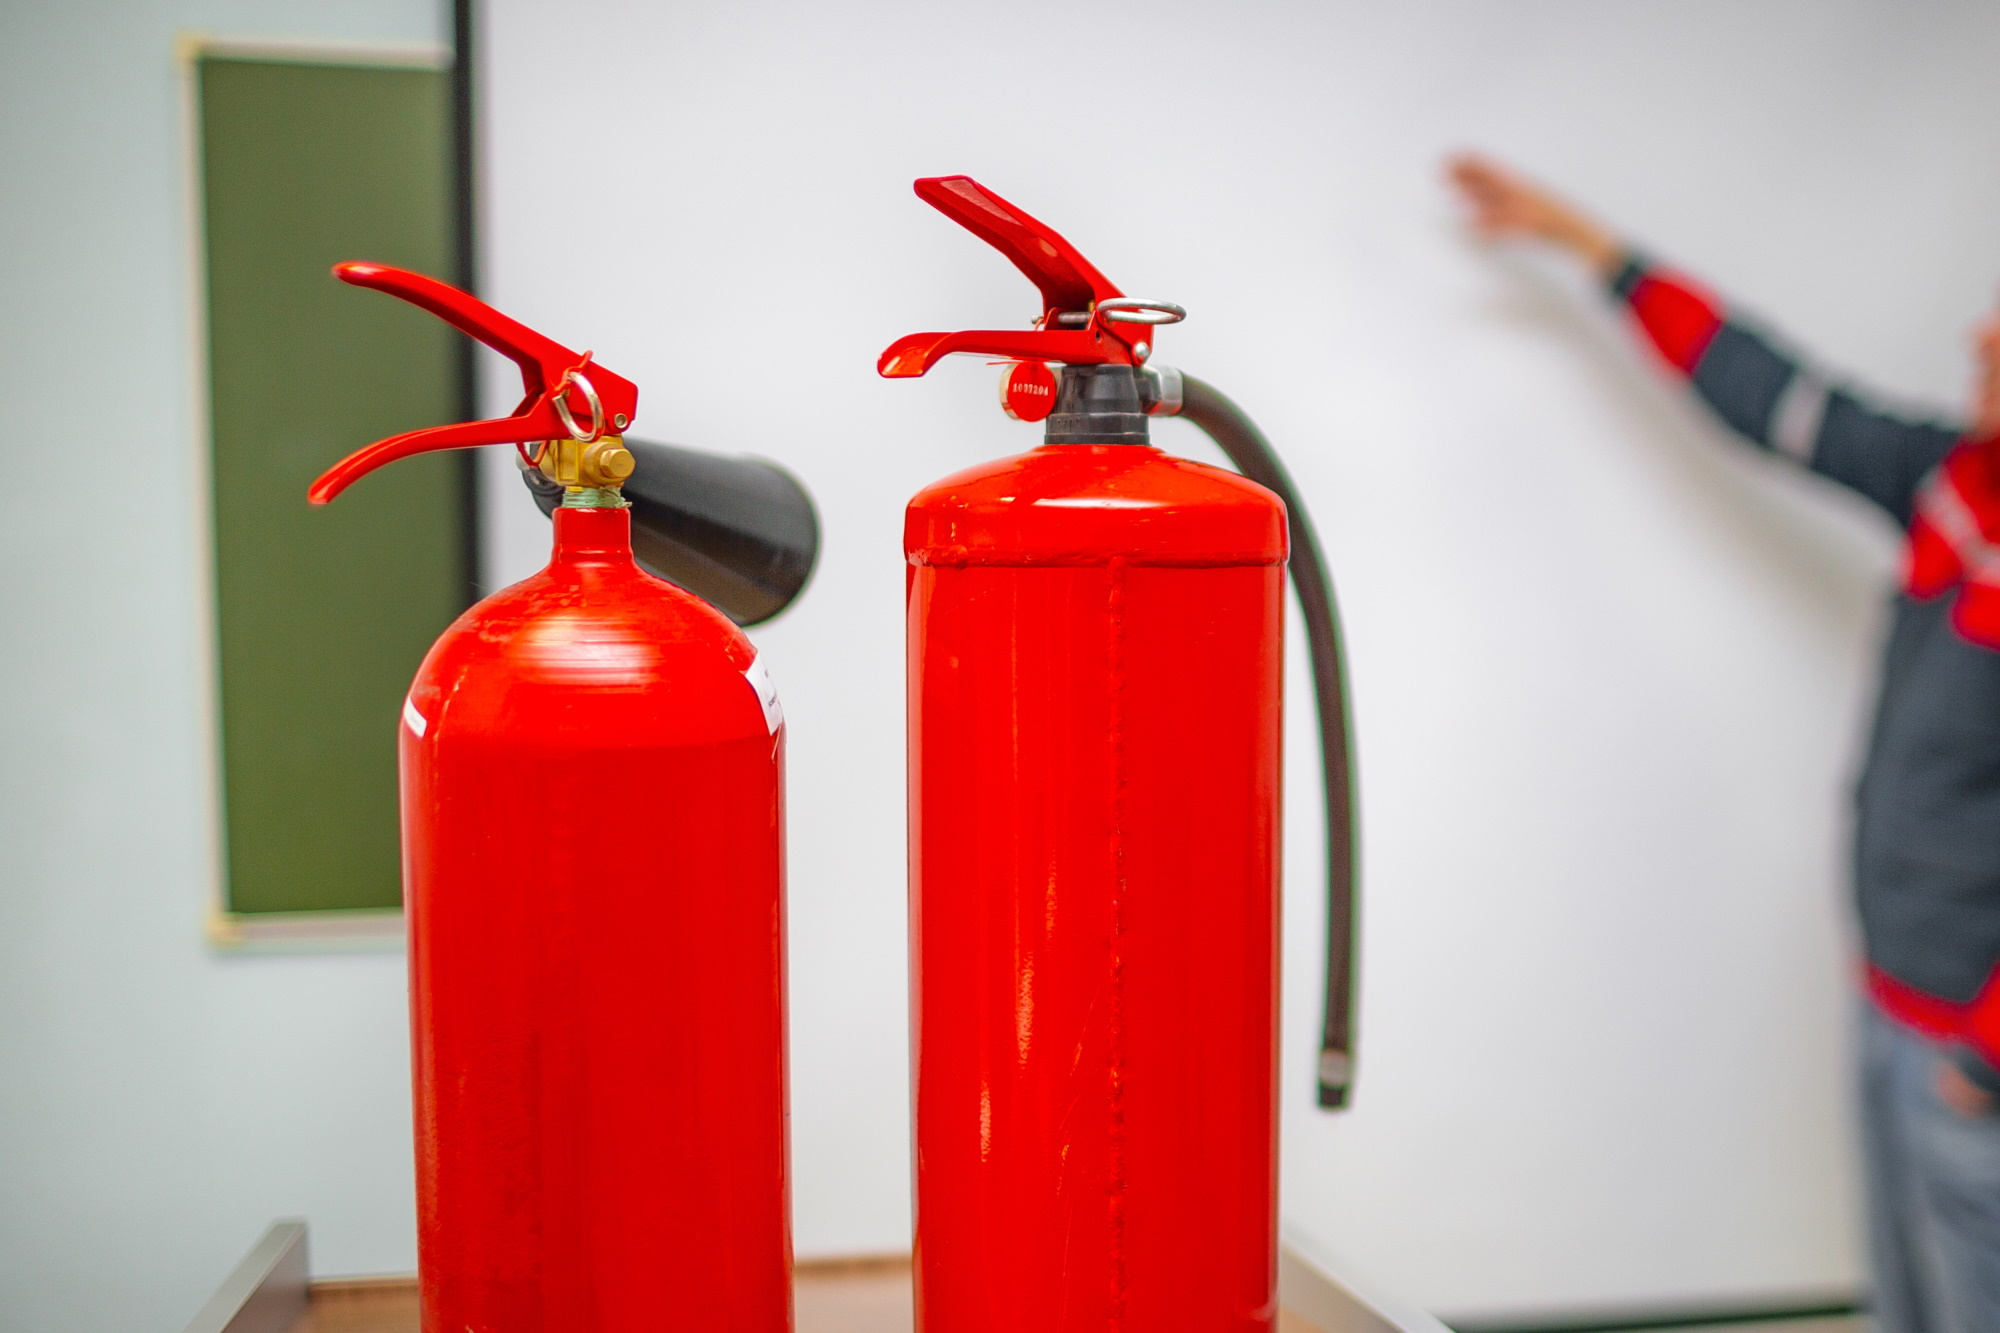 הדרכת כיבוי אש לעובדים: היערכות מראש מונעת אסון